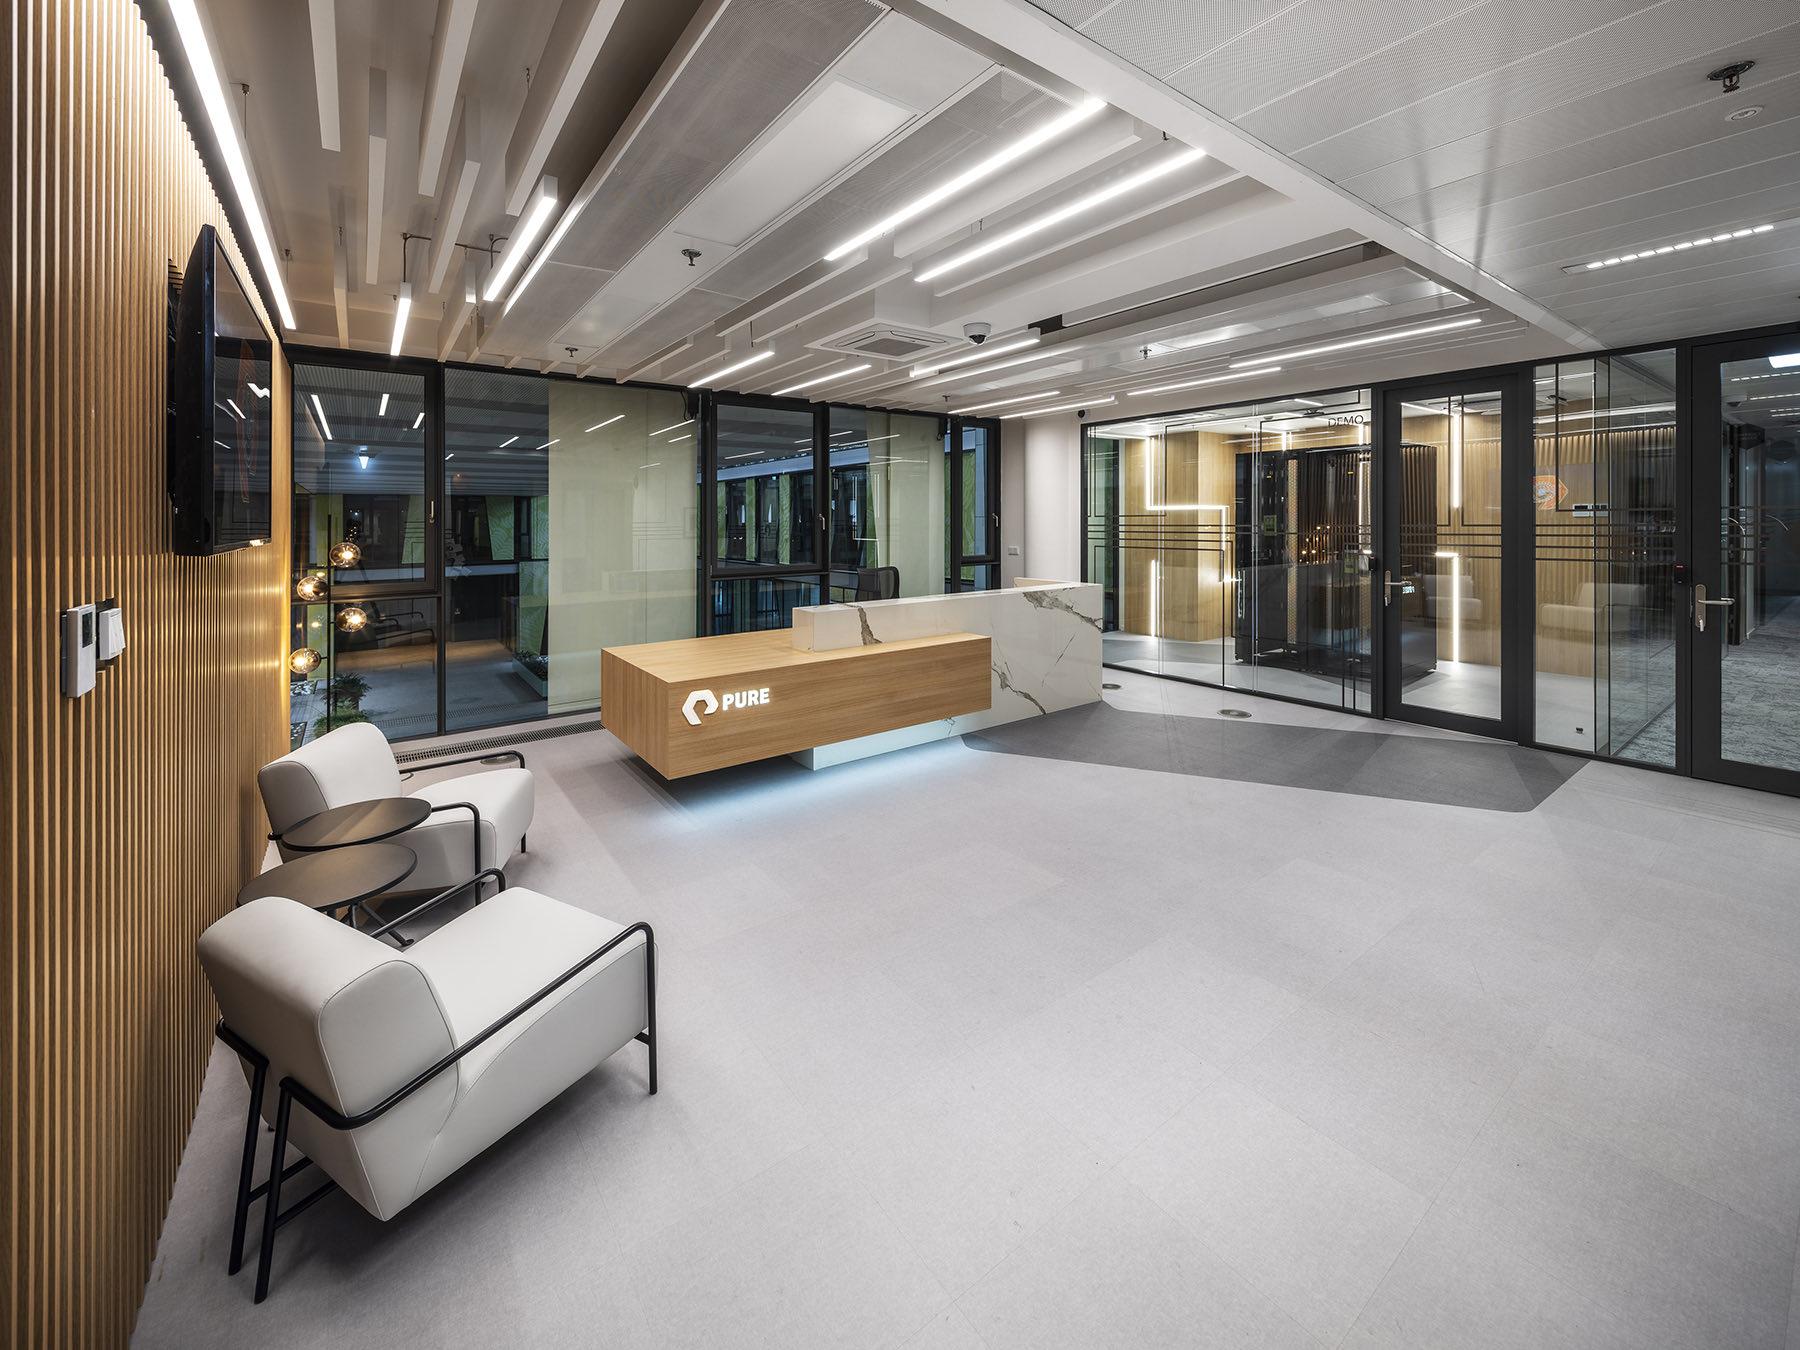 pure-storage-office-prague-11